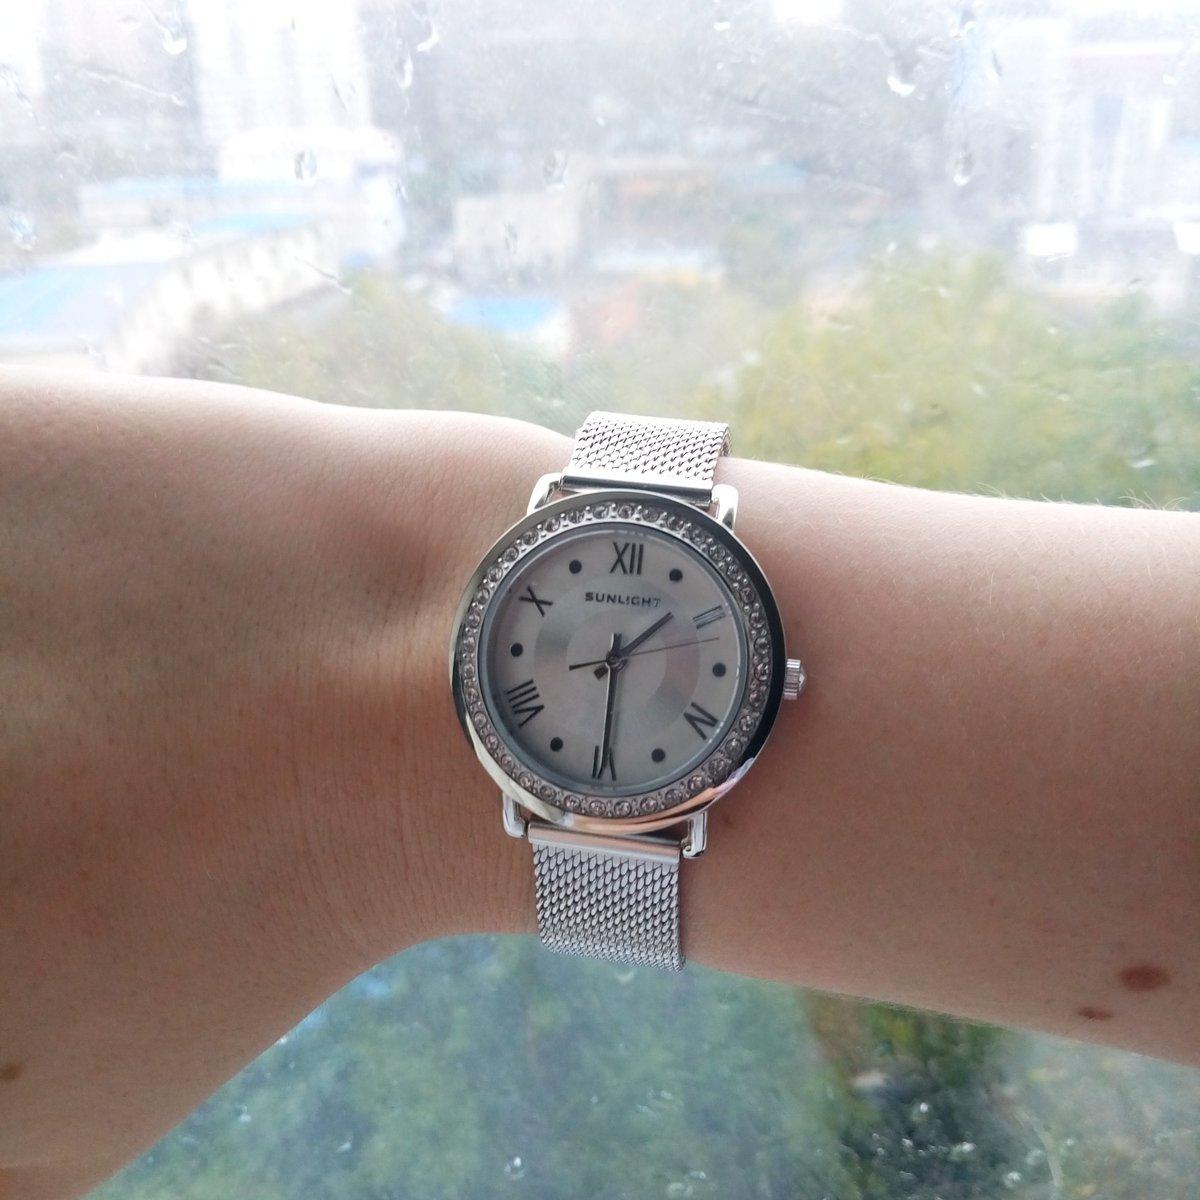 Очень красивые часы, выглядят изящно